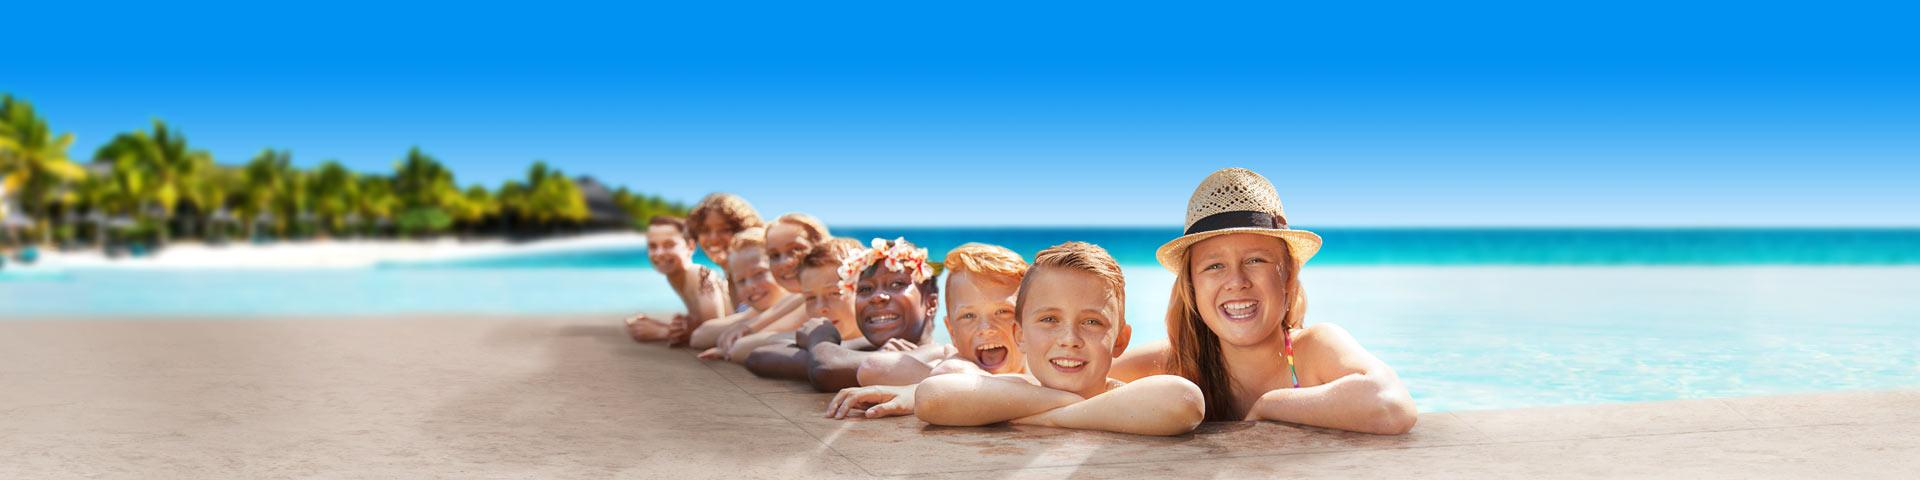 Kindjes op een rij aan de rand van het zwembad tijdens de meivakantie